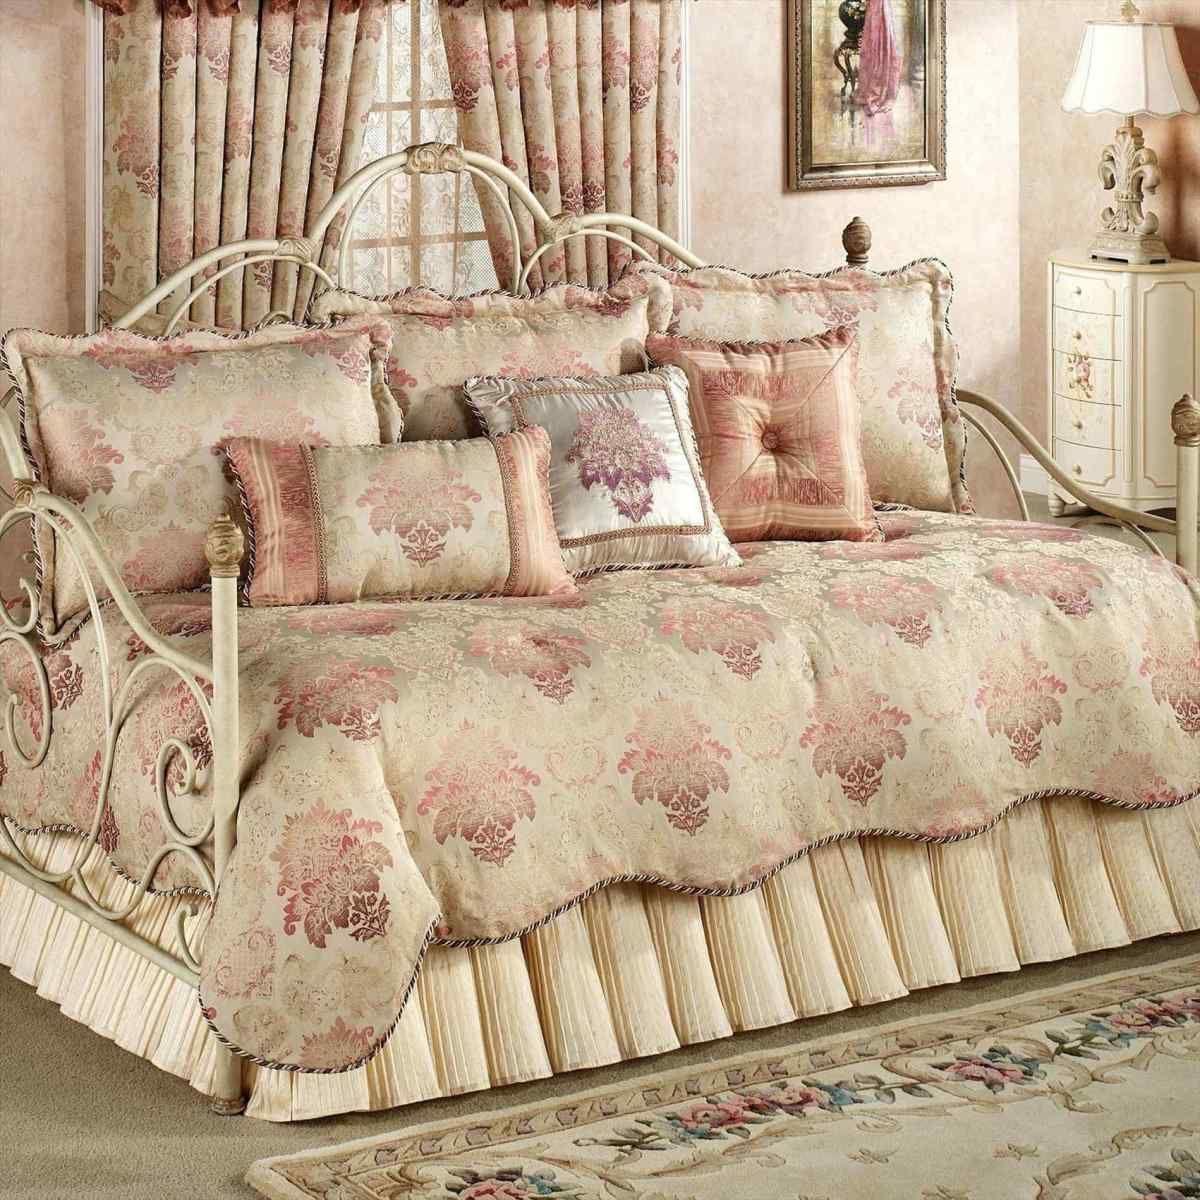 Daybed Austin Tx Breakpr Daybed Bedding Sets Daybed Covers Daybed Bedding Daybed with trundle bedding sets